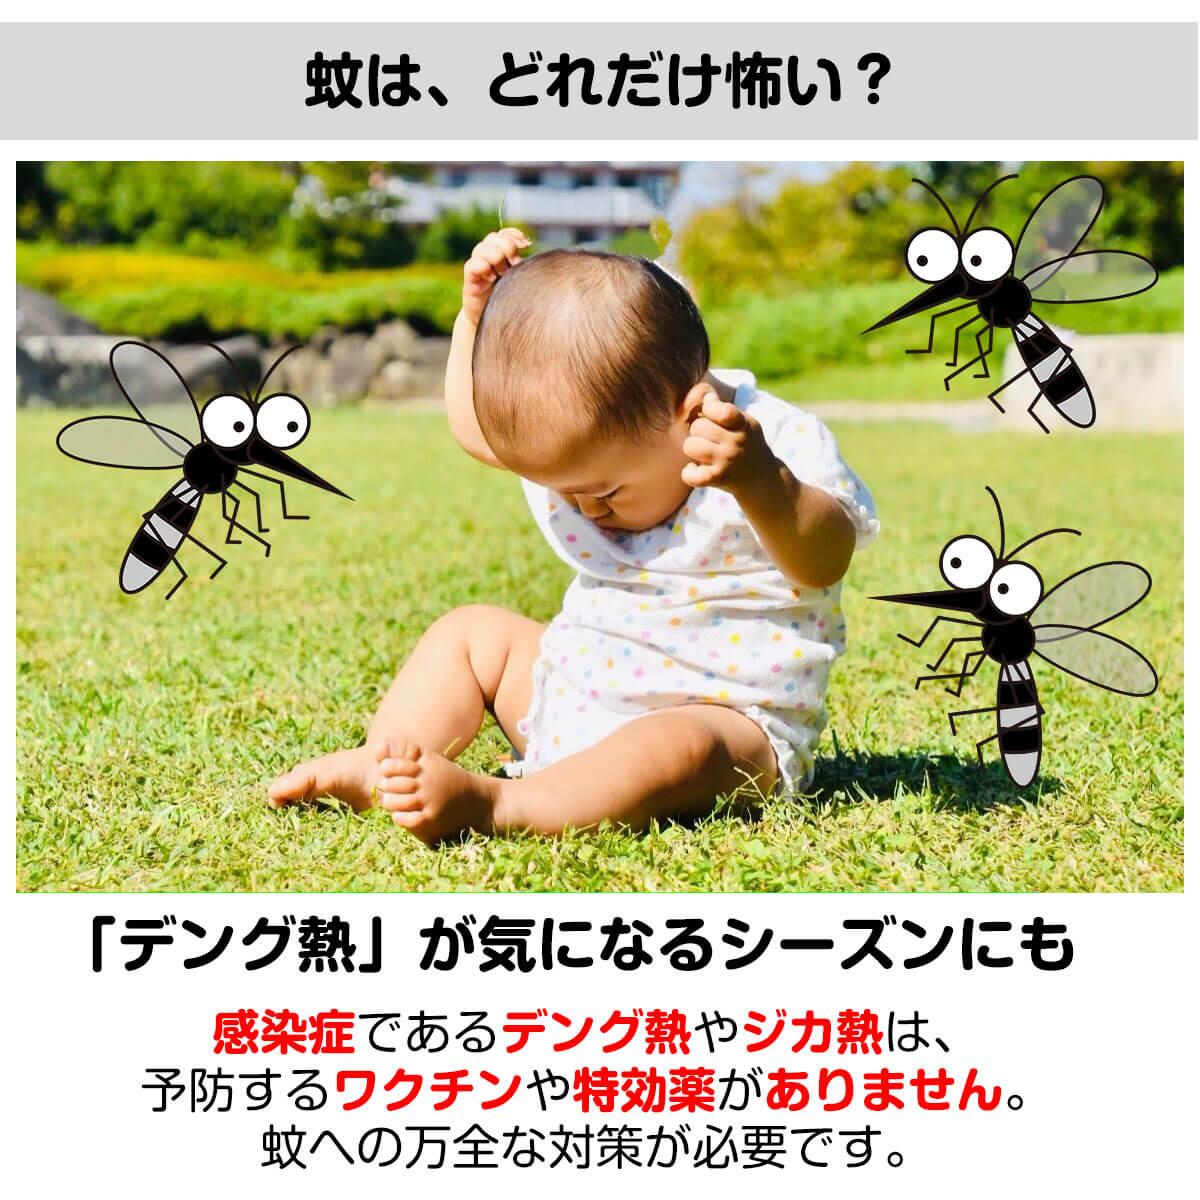 【2020年最新版】 アウトドア 蚊帳 モスキートネット バグズシャット 蚊除け 虫よけ ガーデンパラソル用 ベランピング グランピング 家キャン